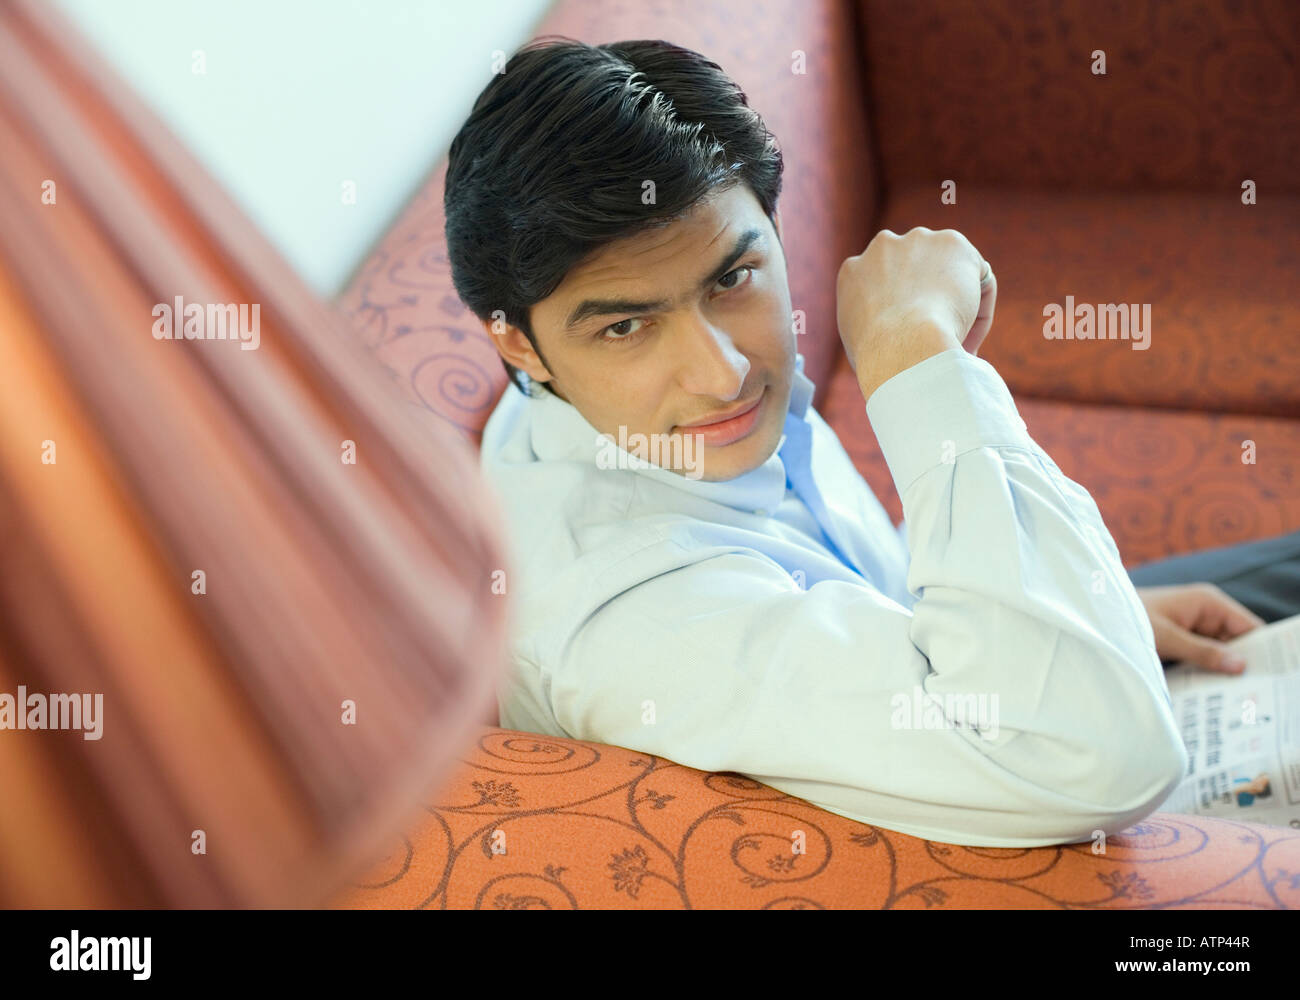 Retrato de un joven sentado en un sofá y la celebración de un periódico Imagen De Stock